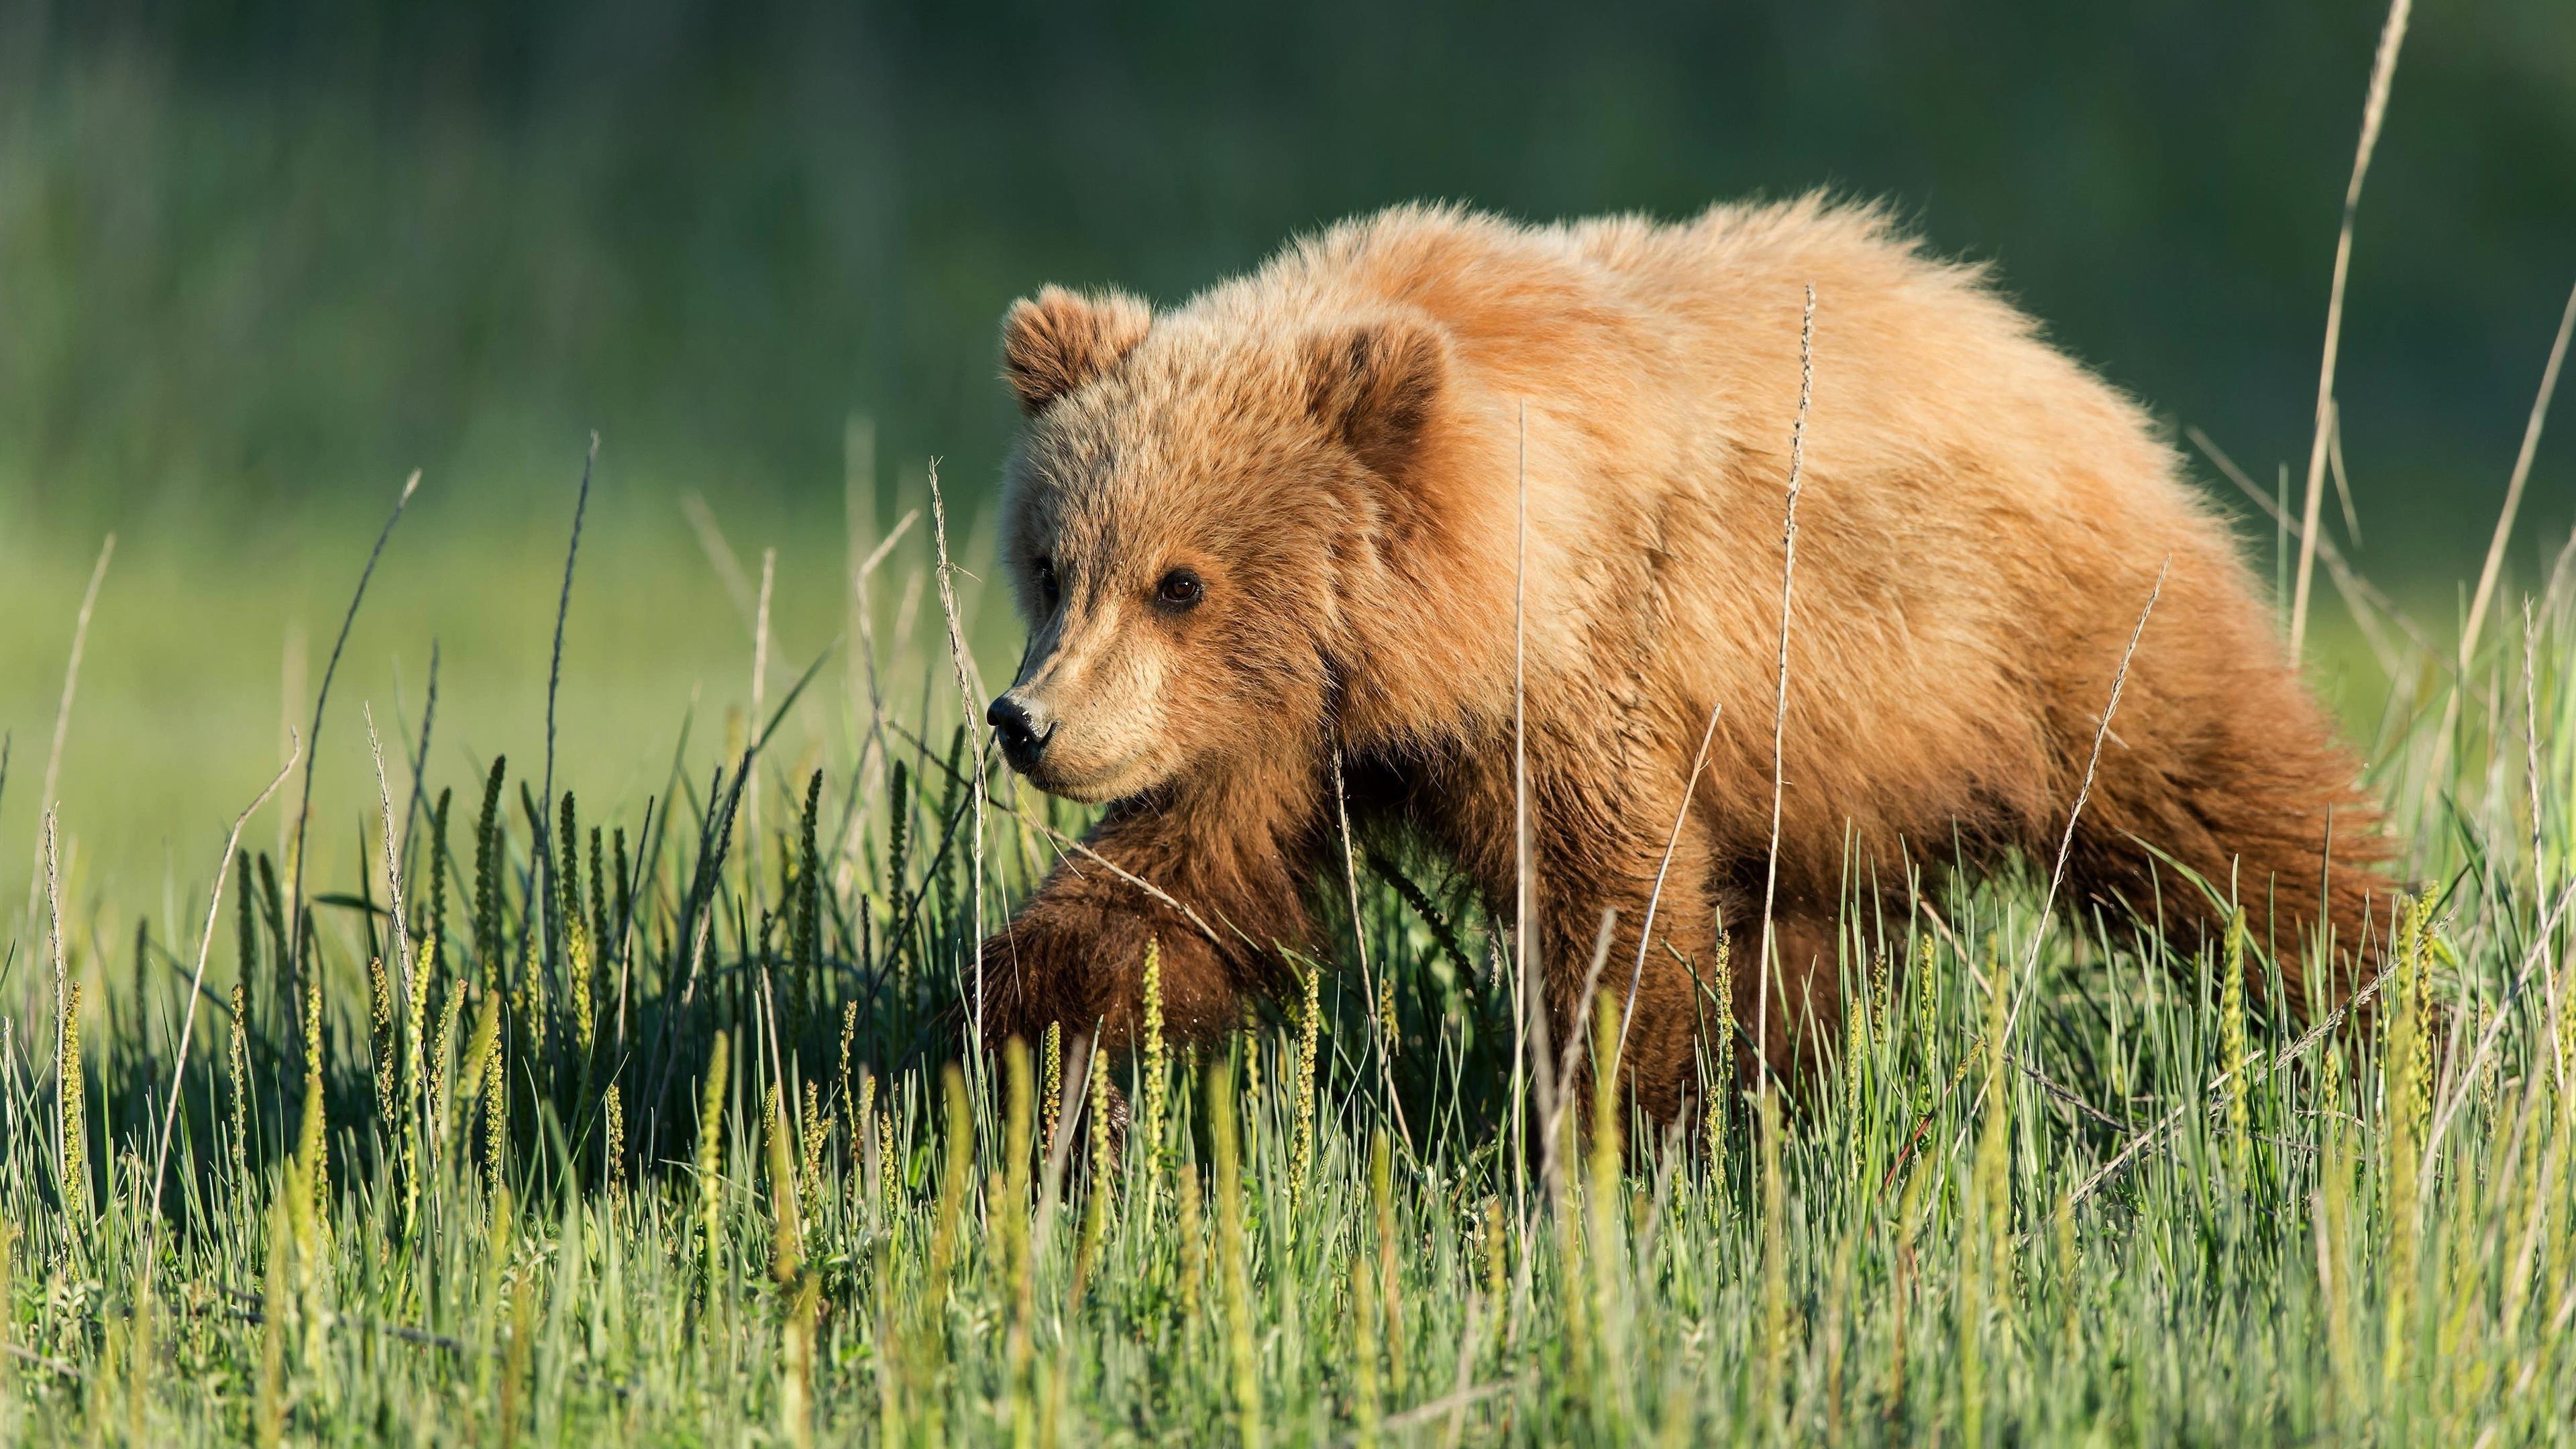 Животное медведь животные обои скачать